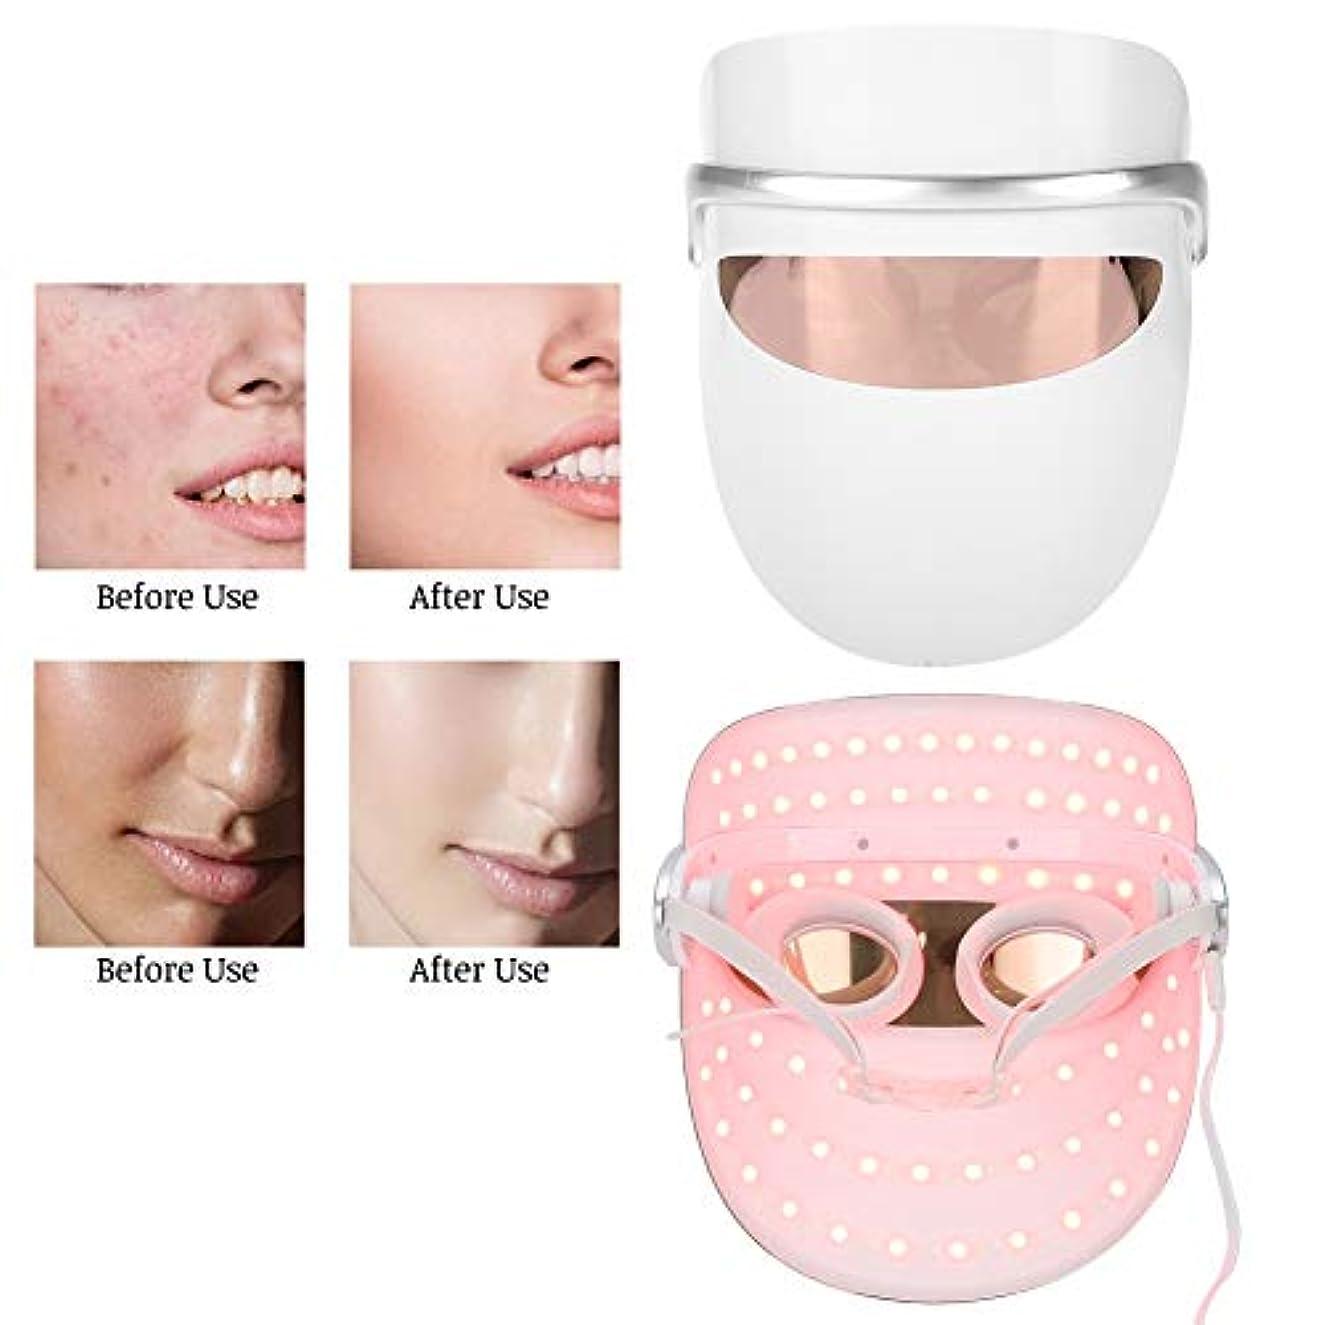 デッキバーターキネマティクス皮の若返りLED装置、3色LEDライト顔のスキンケアの美装置、反老化はフェイスマスクを明るくします